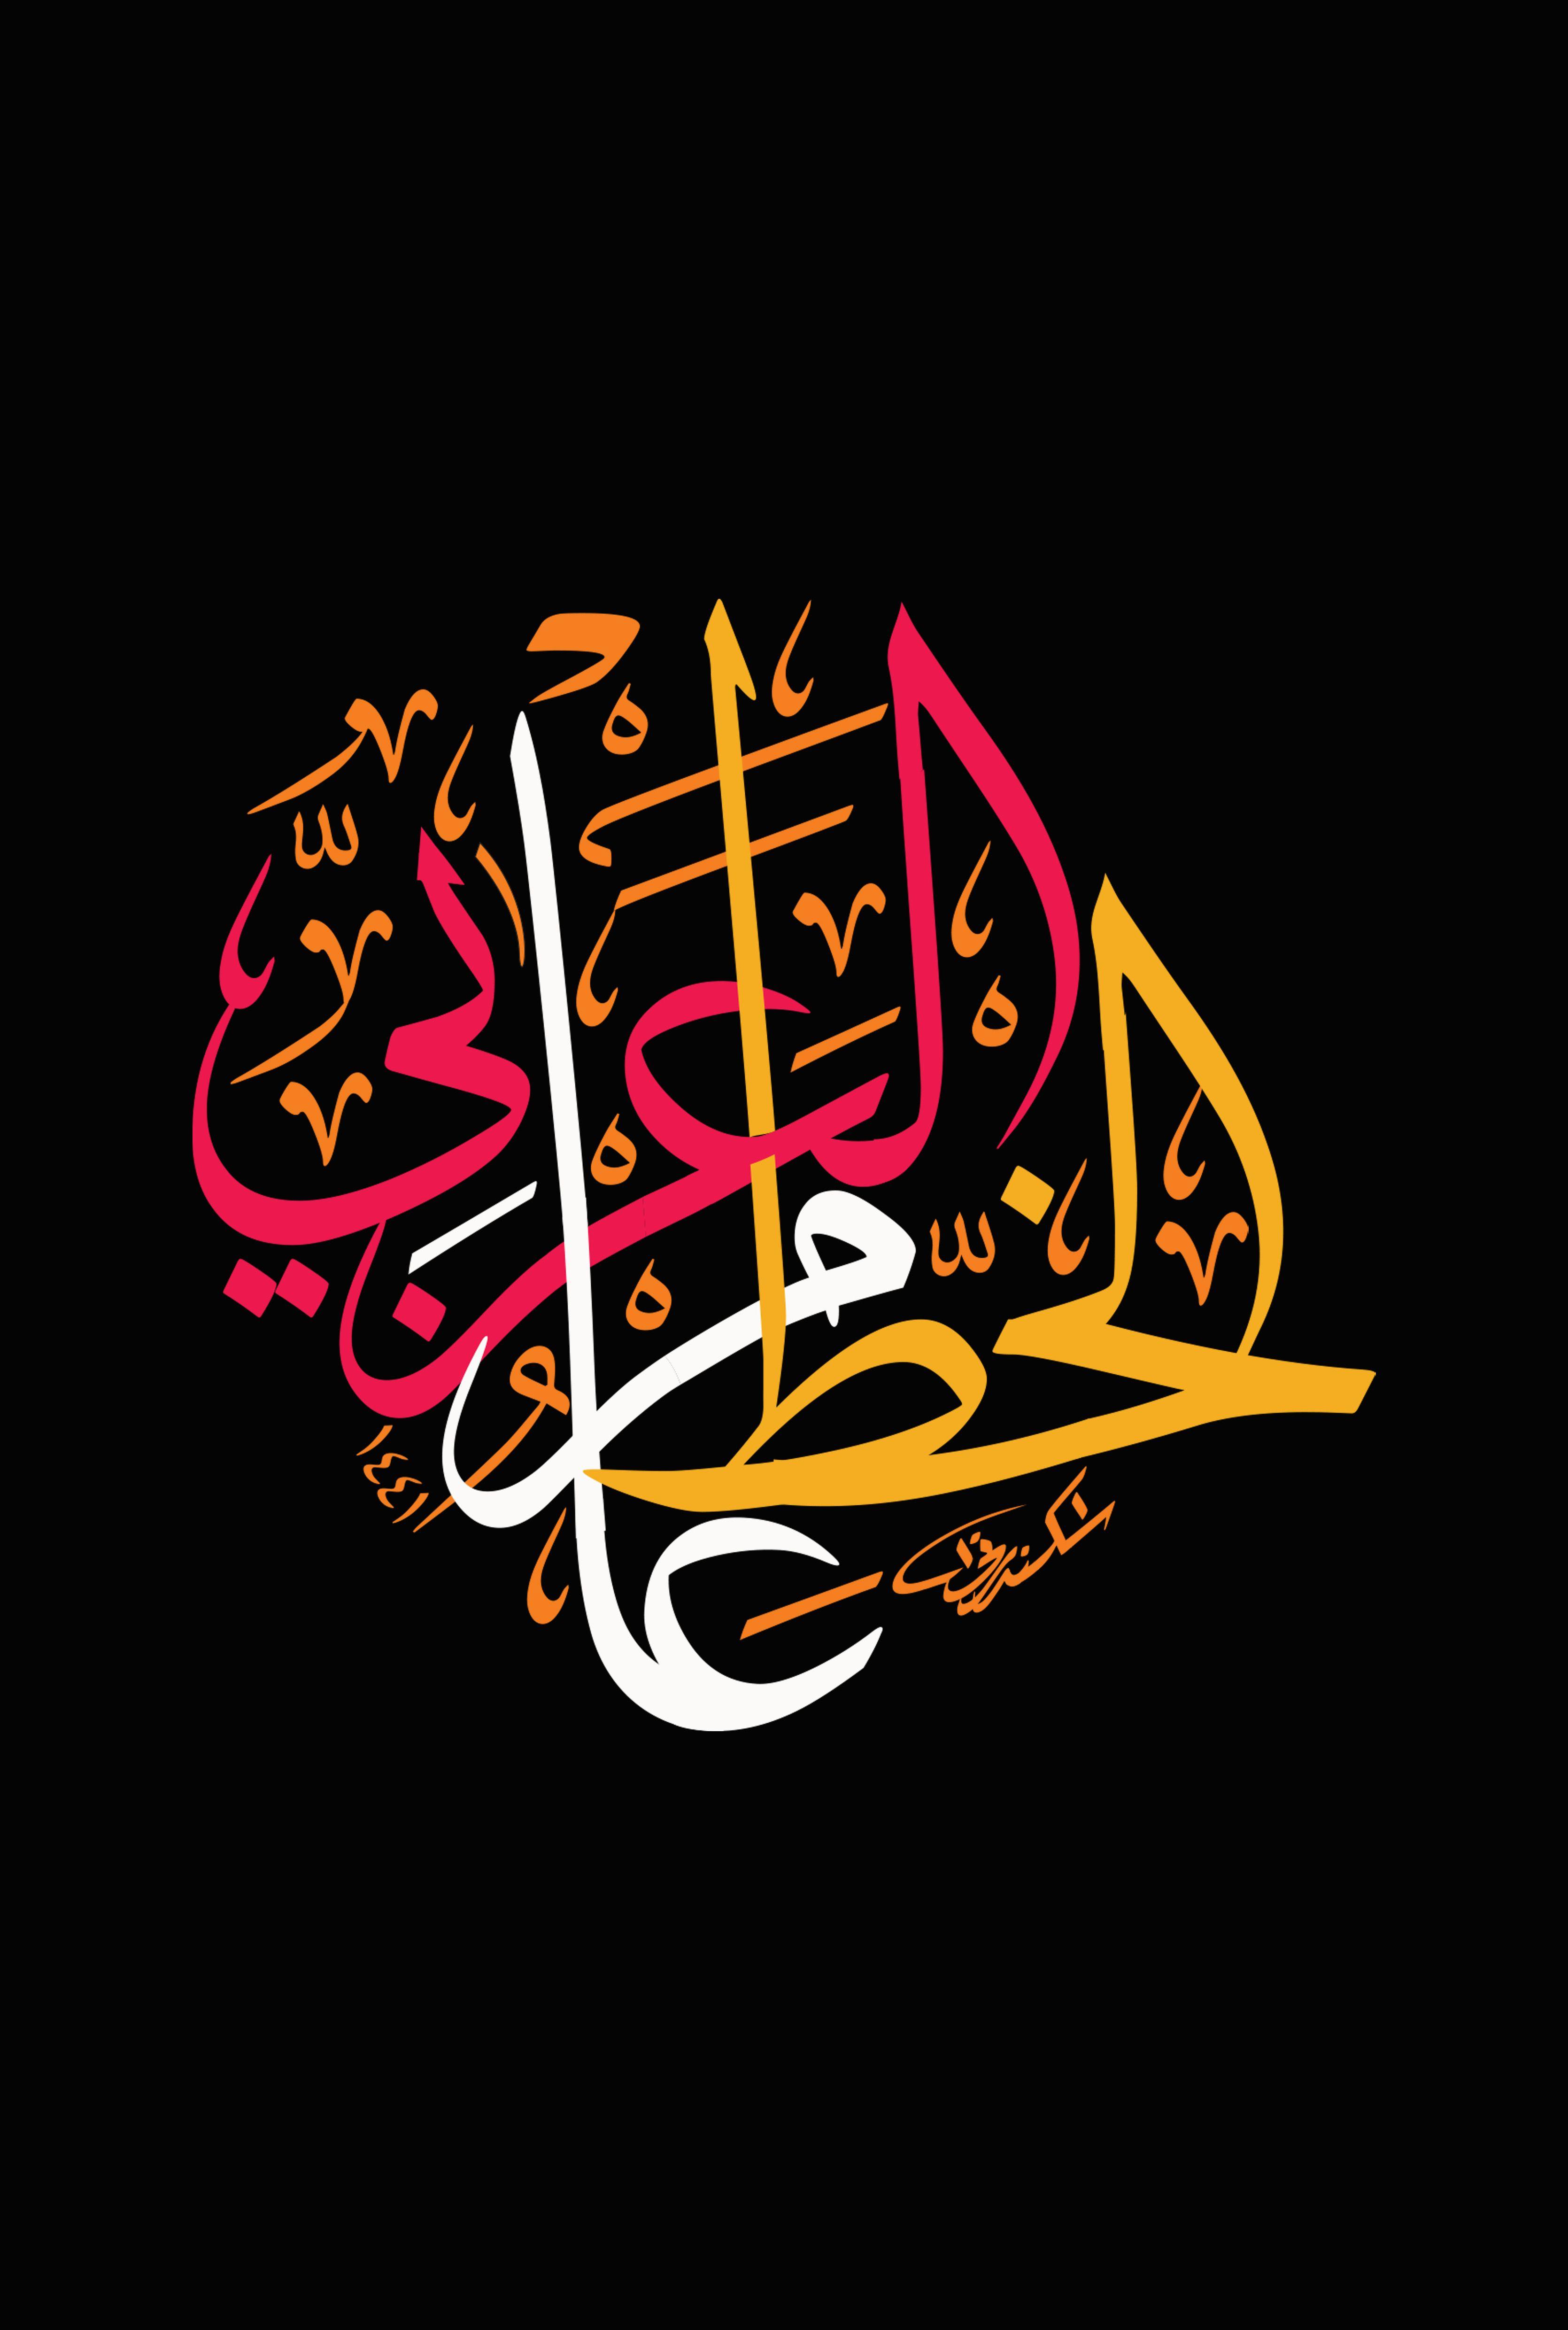 عام الخط العربي بمناسبة عام الخط العربي بخط الثلث من اعمال الخطاط احمد اسكندراني في مدينة جدة Dini Alintilar